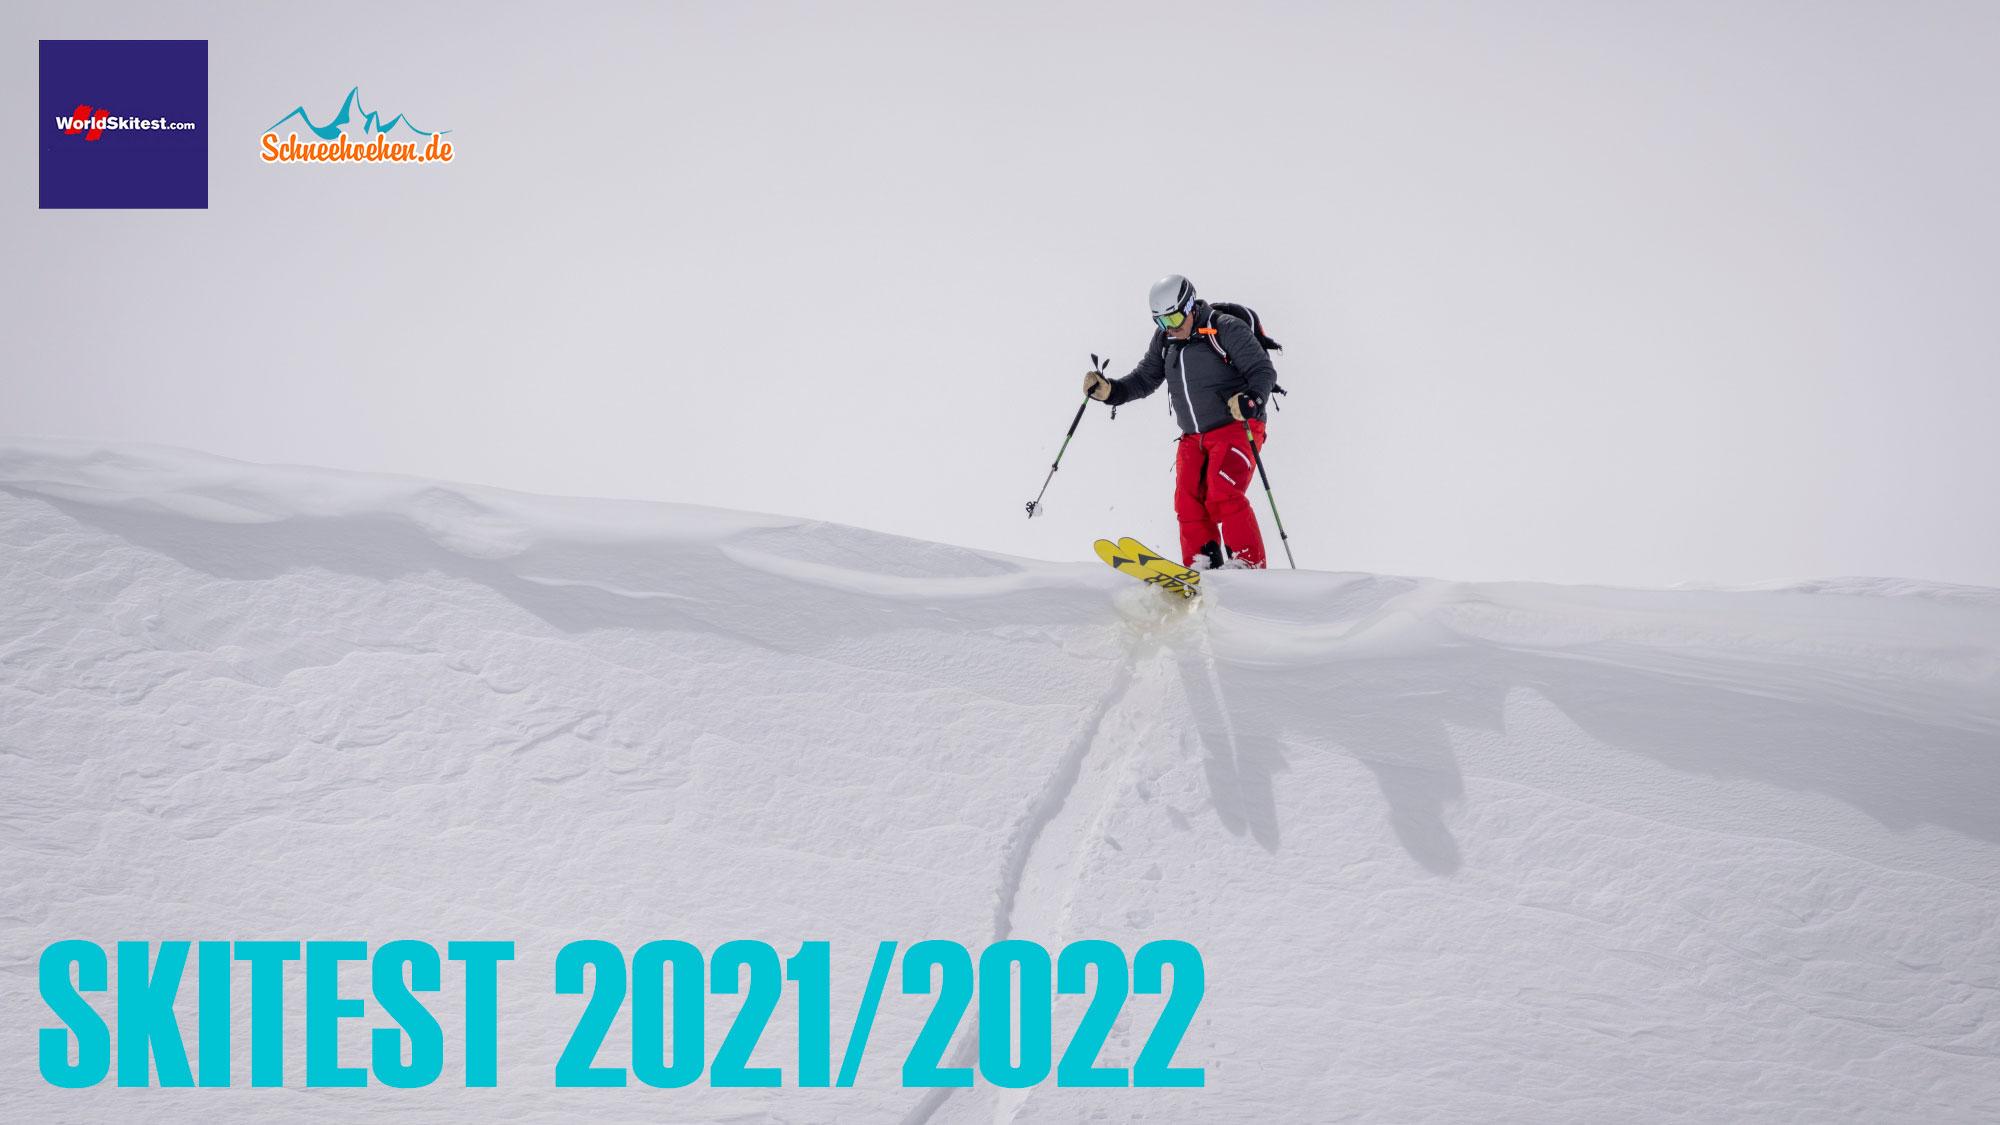 Beim Skitest 2021/2022 wurden insgesamt ca. 130 Paar Ski getestet